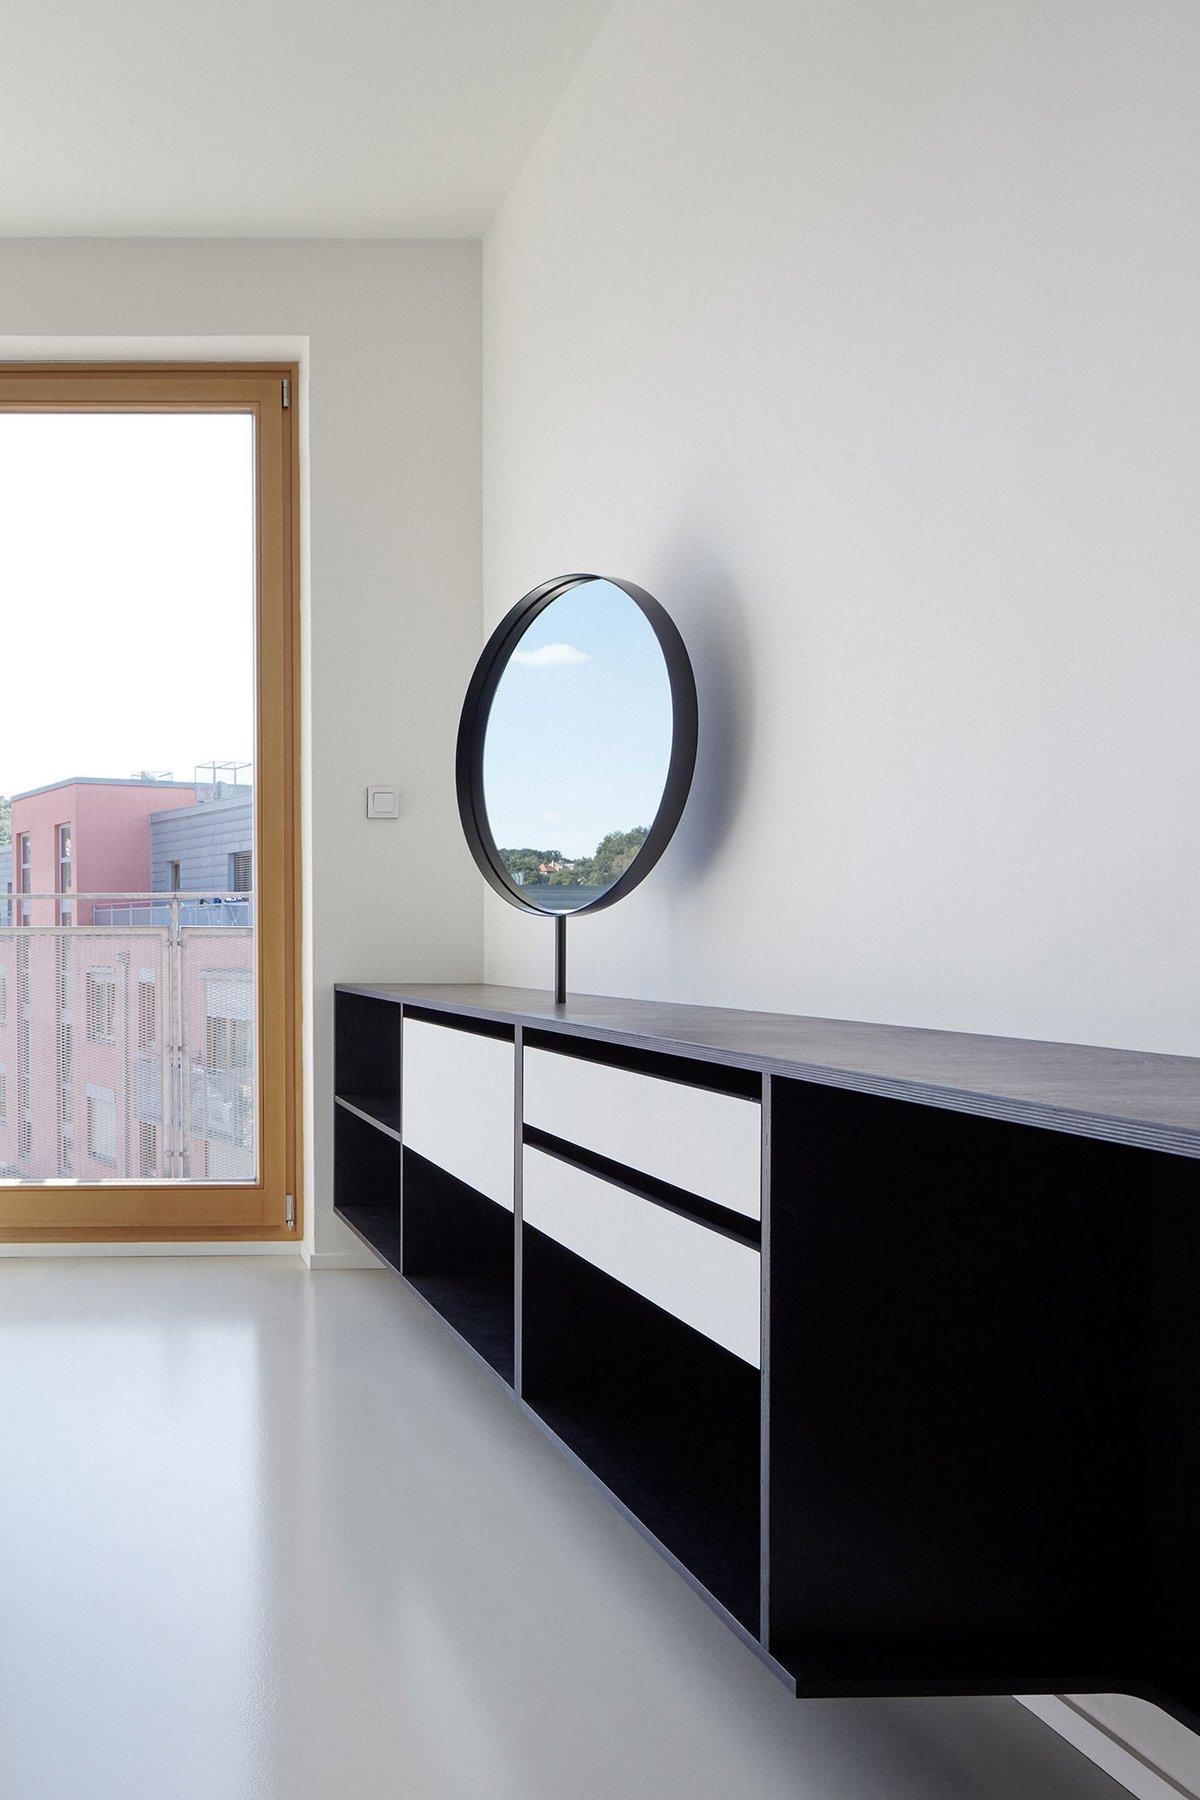 Guest Apartment, Mjolk Architects, DDAANN, дизайн интерьера квартиры студии, варианты планировки студии, интерьер минимализм фото, интерьер студии фото